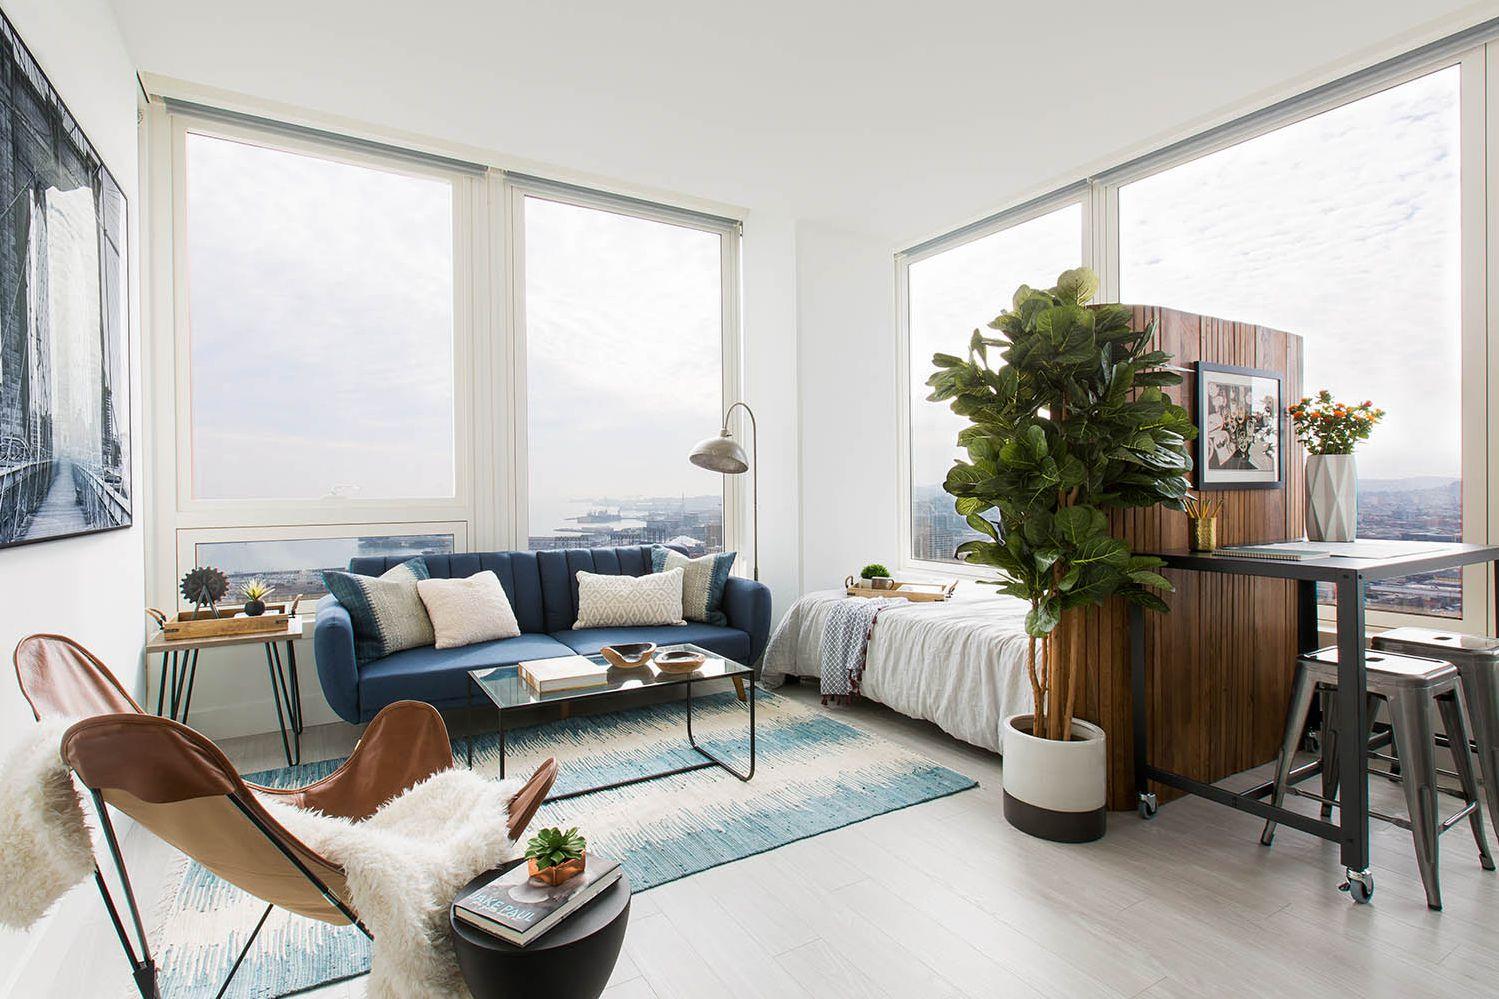 Rośliny to nie tylko dekoracja, ale przede wszystkim dobroczynne właściwości | źródło: laurelandwolf.com